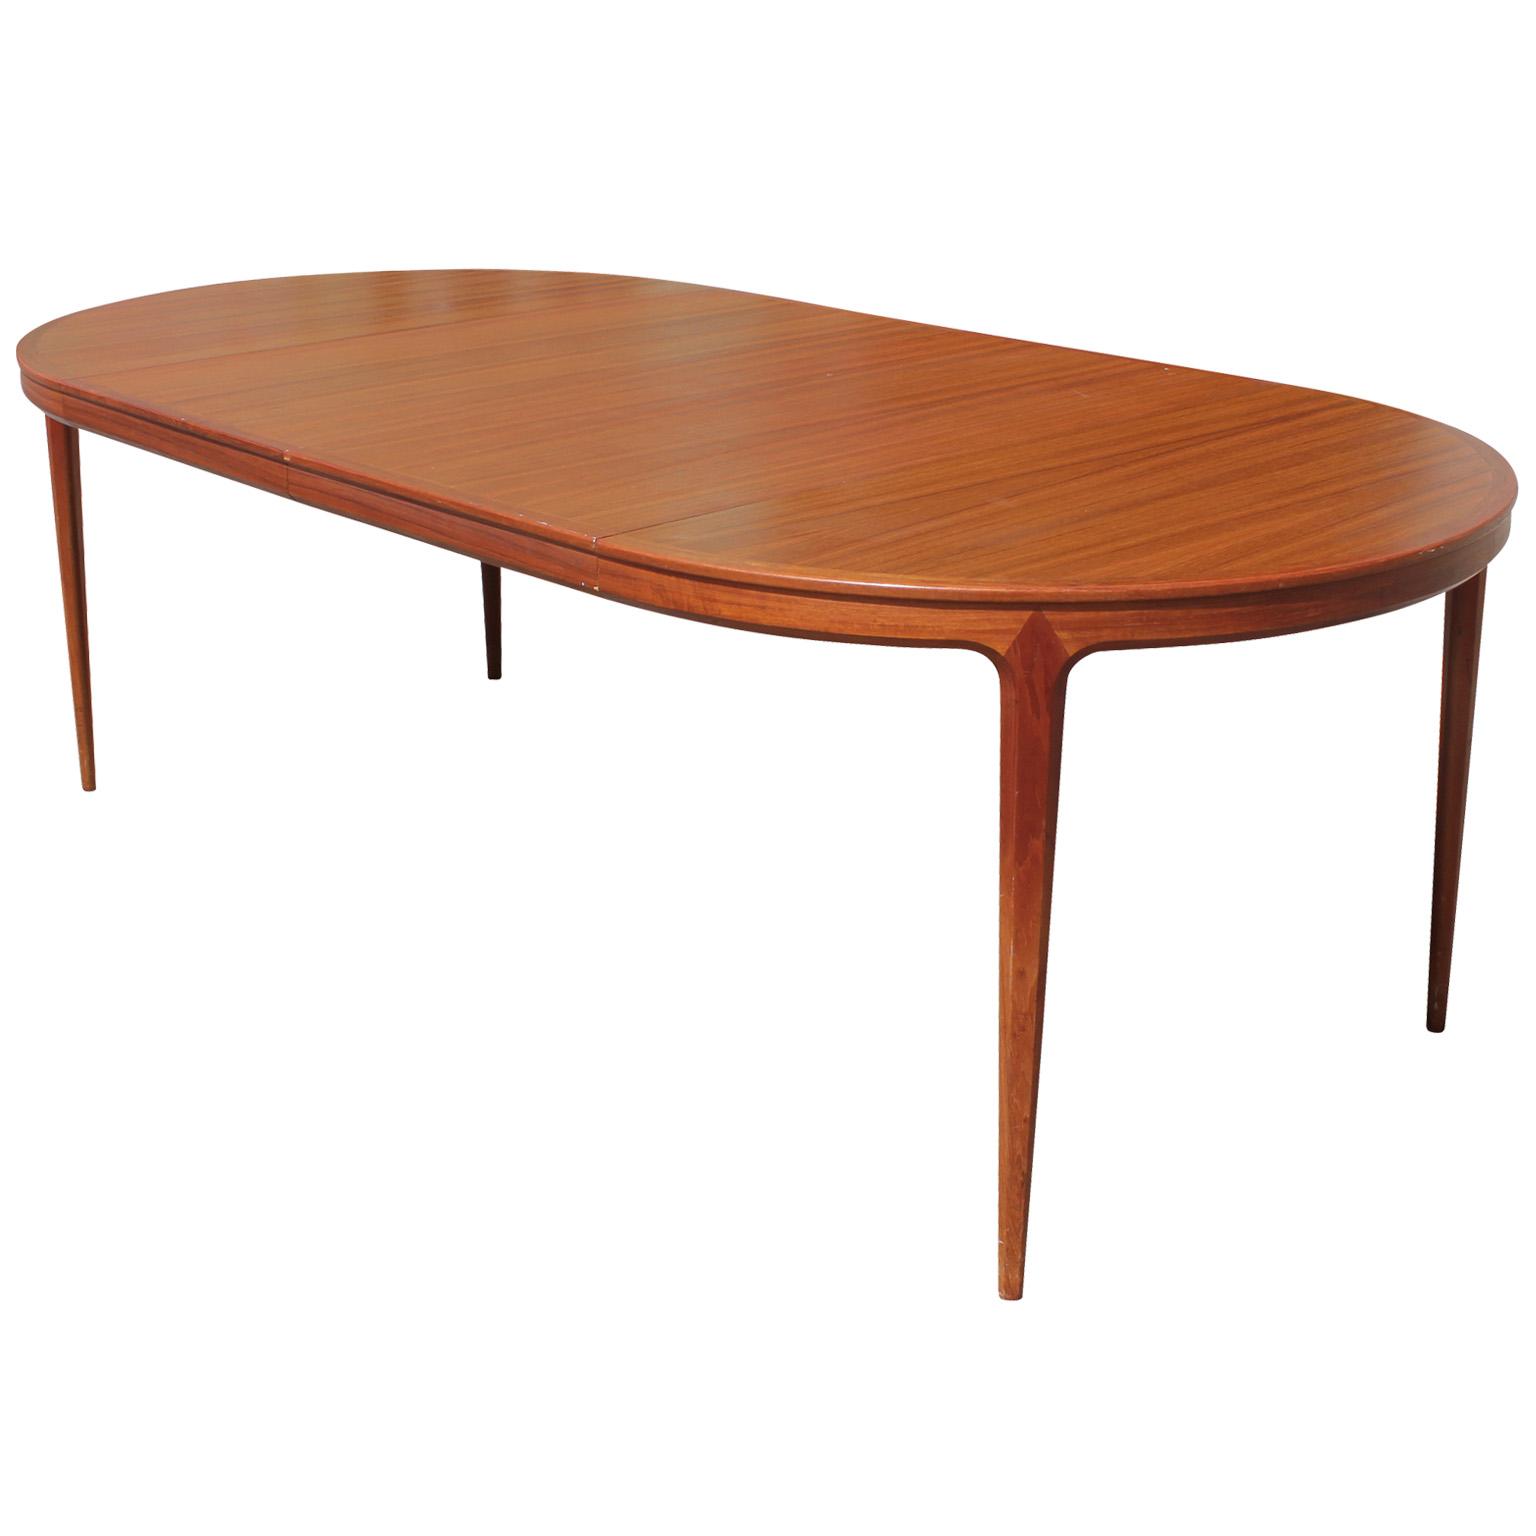 Danish Dining Table1